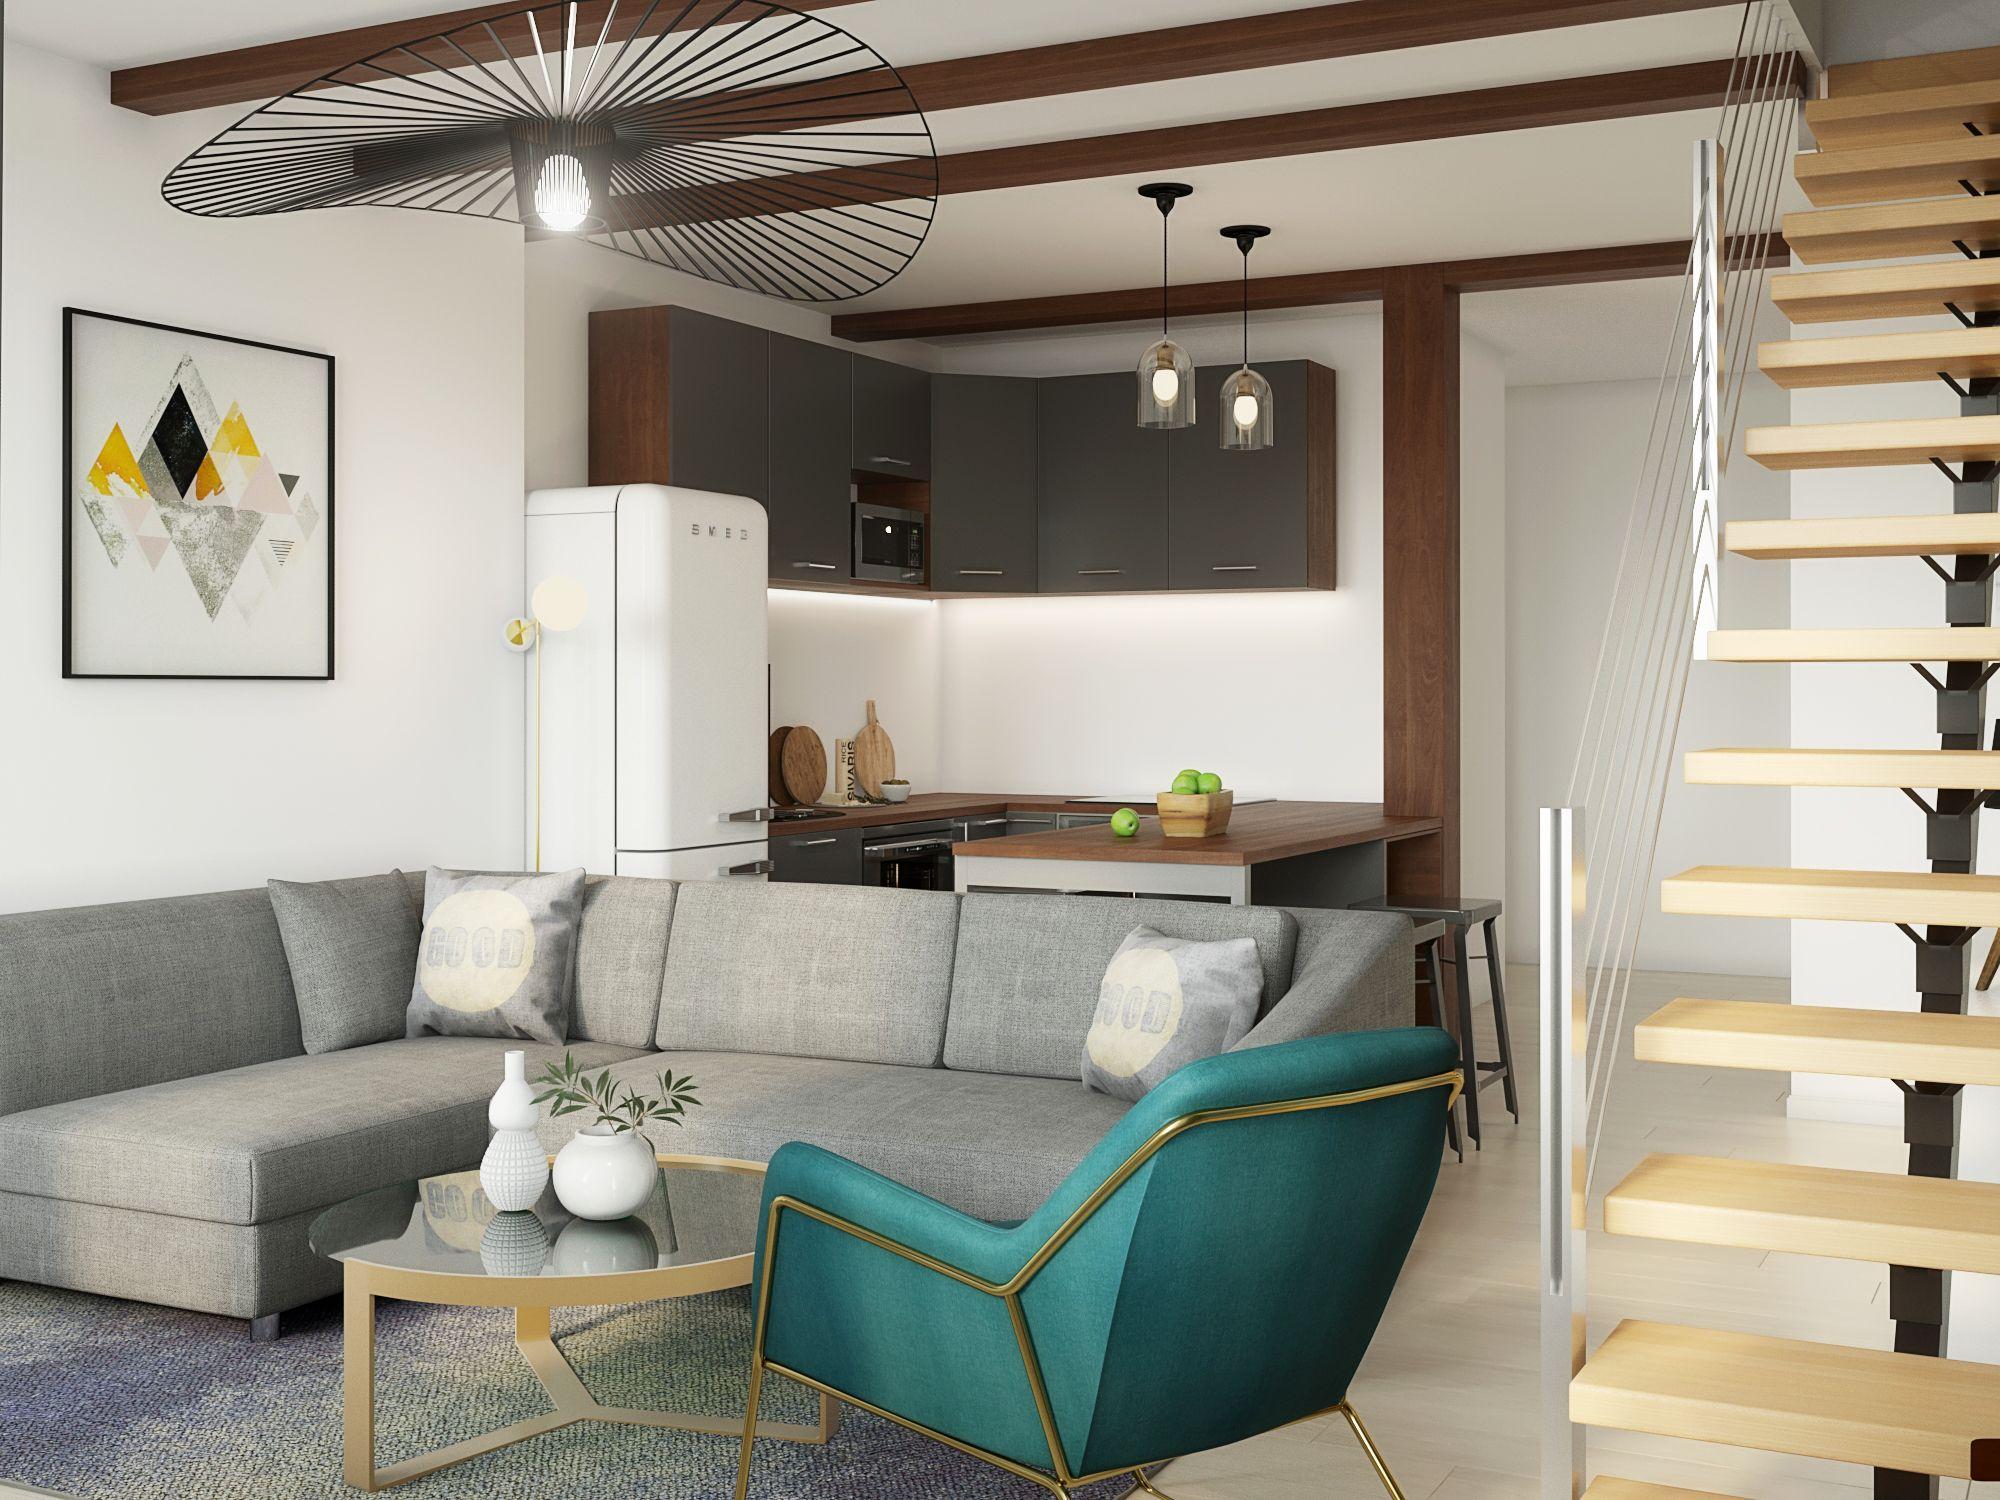 romain dujon pr aux architecte d 39 int rieur montpellier sp cialiste commande installation du. Black Bedroom Furniture Sets. Home Design Ideas